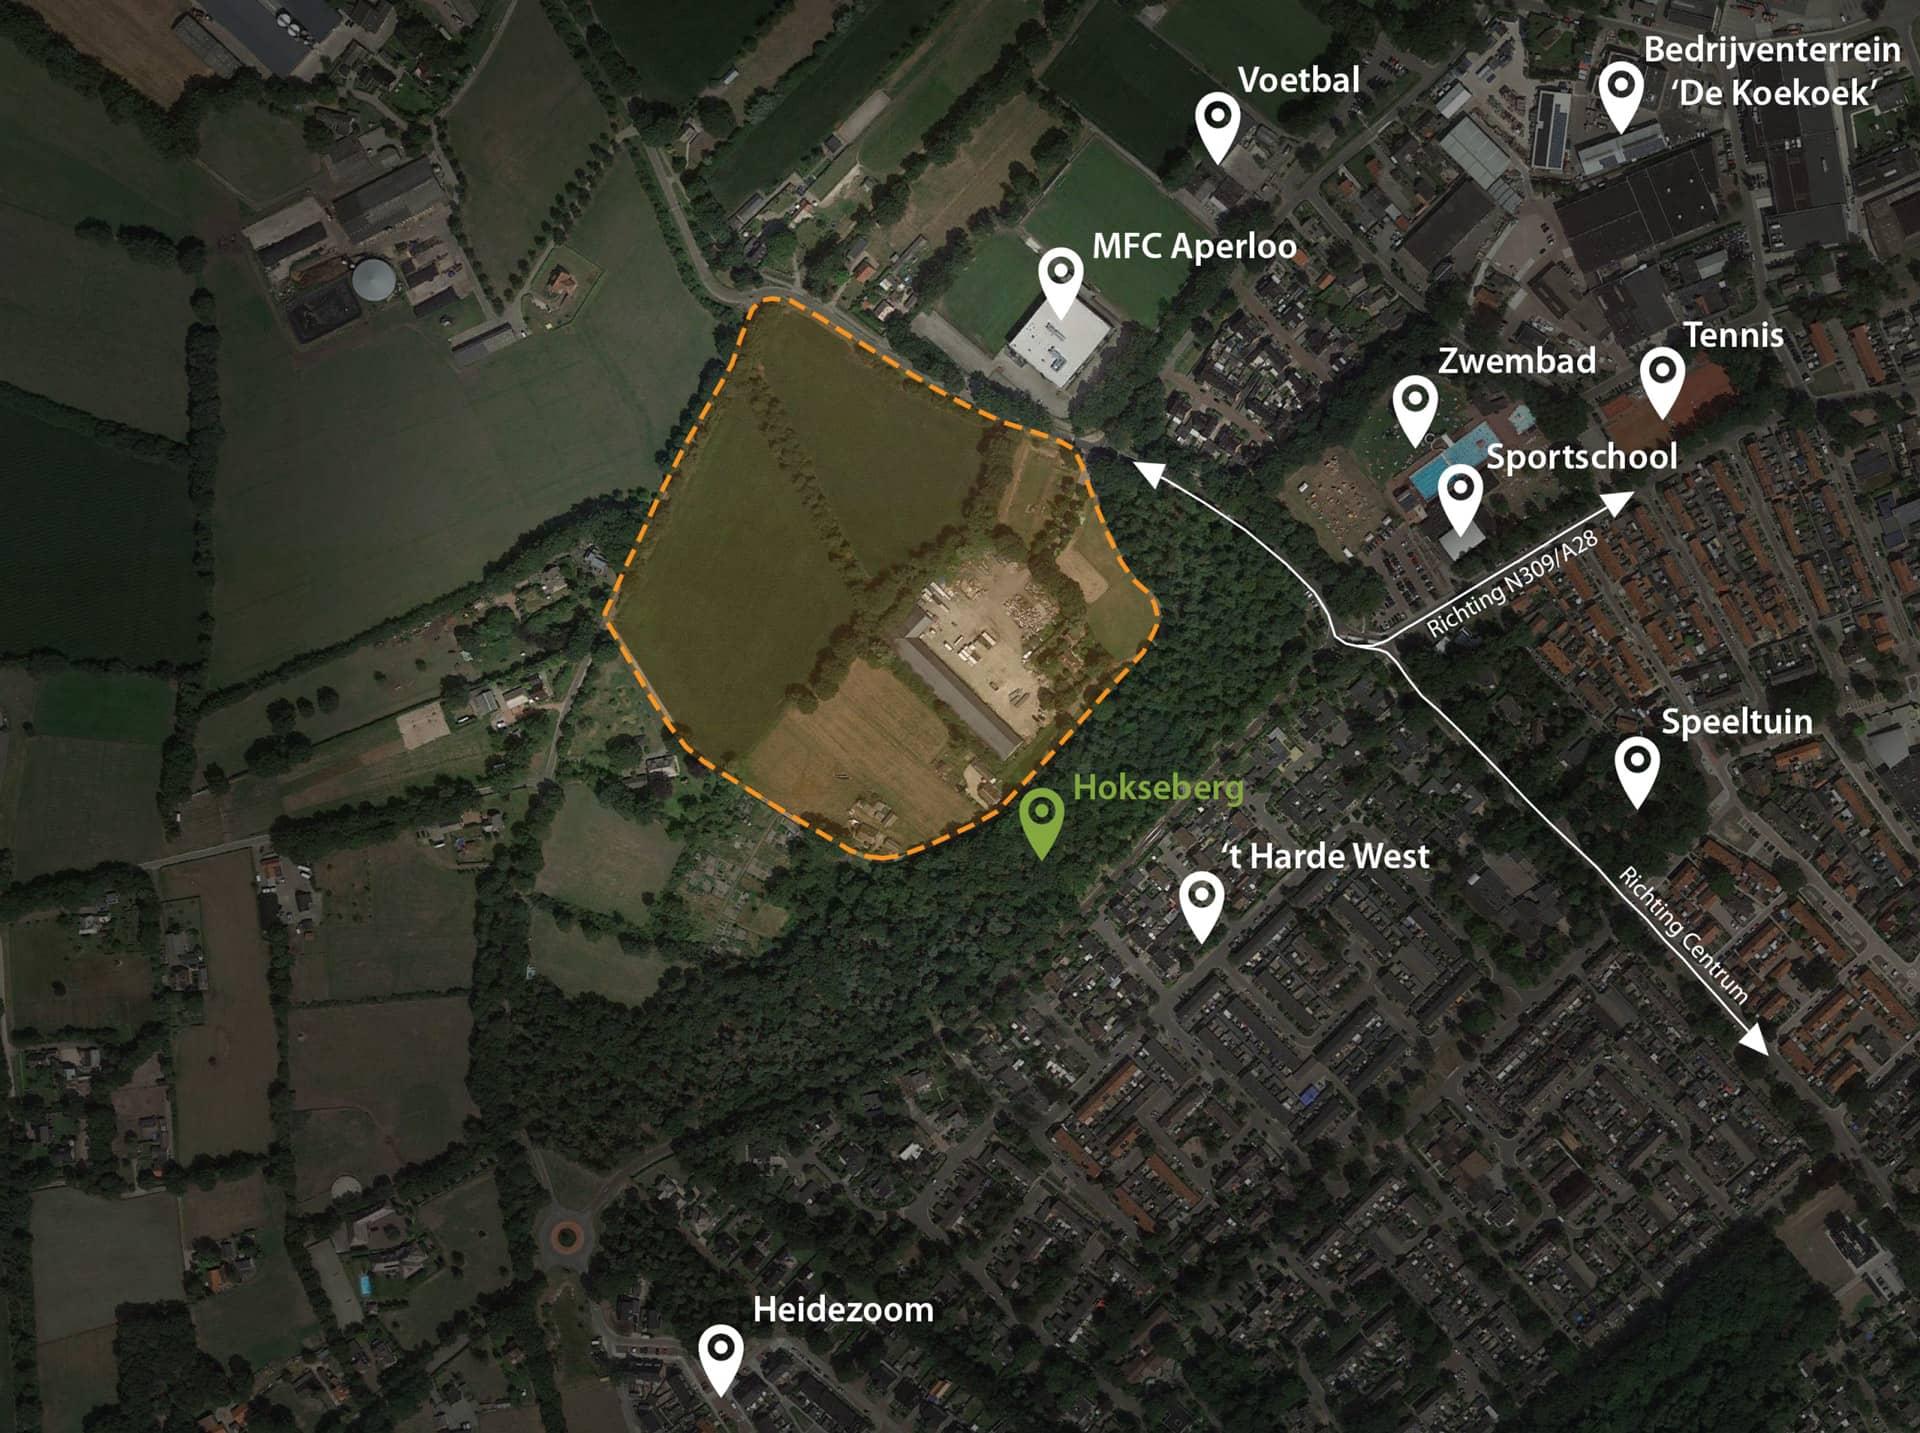 Hokseberg-Gedetailleerde-plattegrond (1)